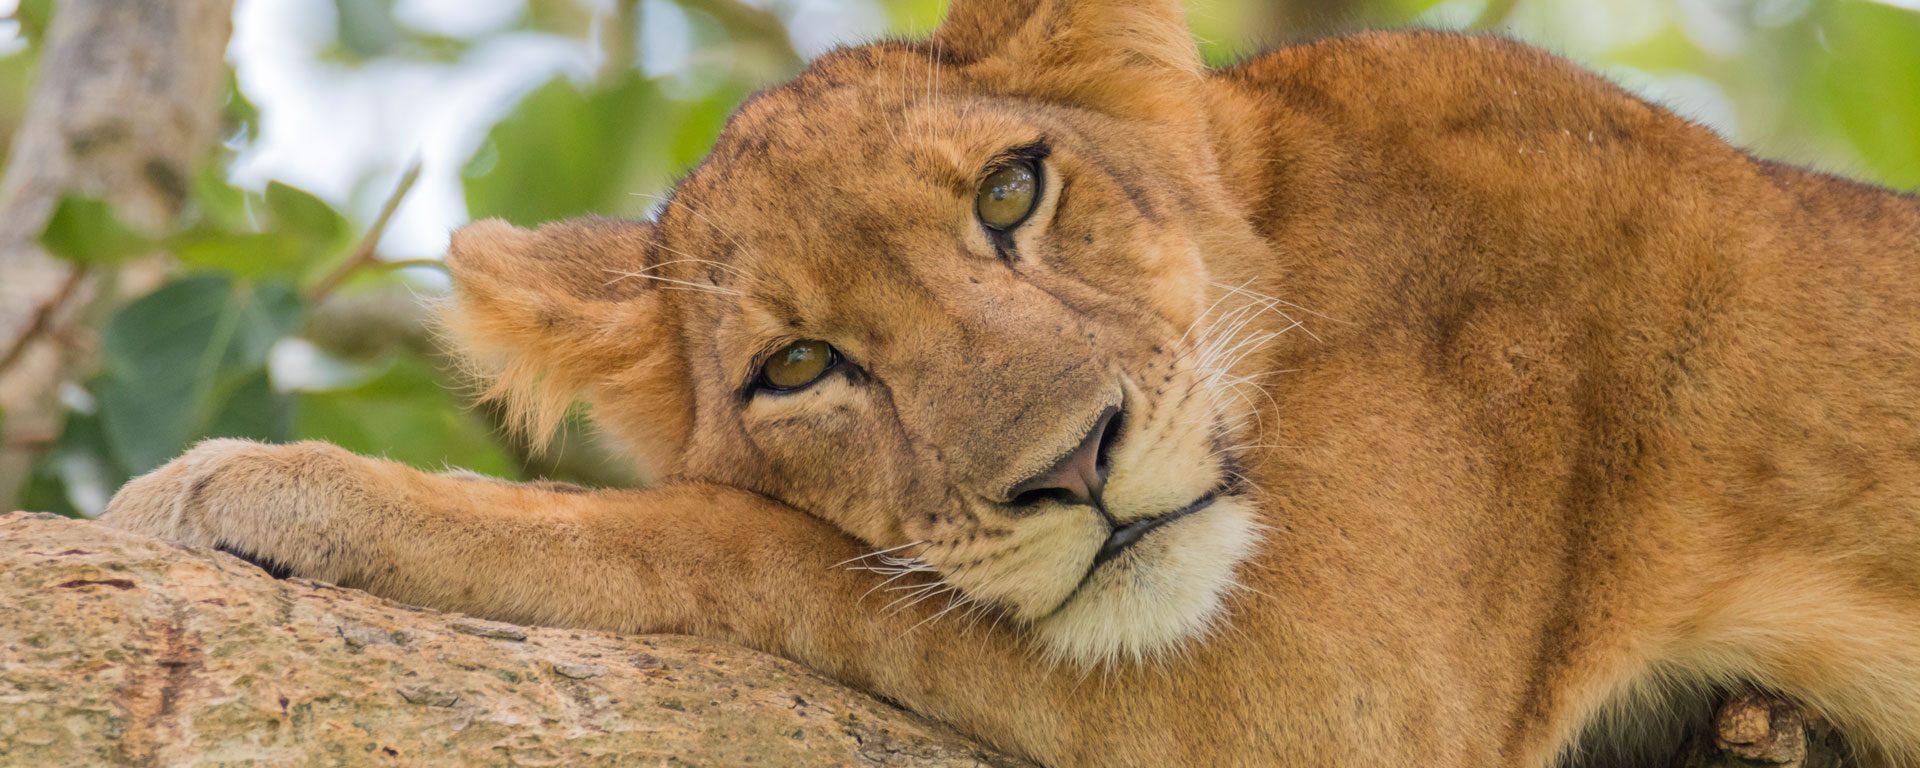 Lion resting in tree in Ishasha, Uganda